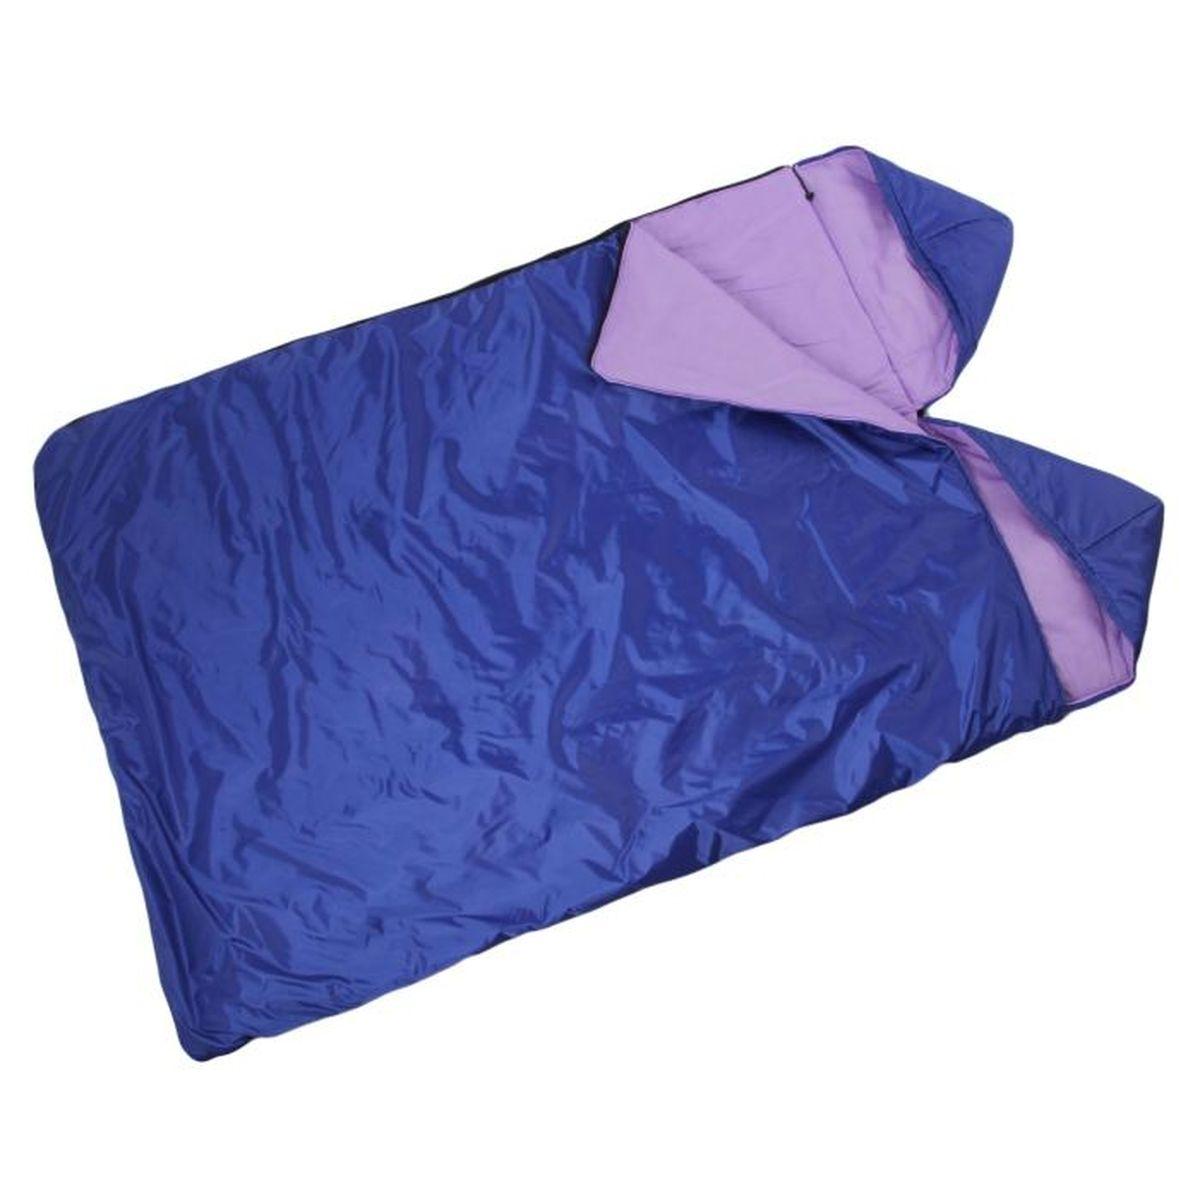 Мешок спальный Onlitop Престиж, 2-местный, цвет: фиолетовый, правосторонняя молния1344026Комфортный, просторный и очень теплый 3-х сезонный спальник Мешок спальный Onlitop Престиж предназначен для походов и для отдыха на природе не только в летнее время, но и в прохладные дни весенне-осеннего периода. В теплое время спальный мешок можно использовать как одеяло (в том числе и дома).Материал внешней ткани: полиэстер (Oxford 200D).Материал внутренней ткани: Хлопок.Наполнитель: Синтетика (300 г/м2).Вес: 2.5 кг.Длина: 210 см.Ширина: 140 см.Размеры в свернутом виде: 60 х 27 см.Размеры мешка: 280 х 185 см.